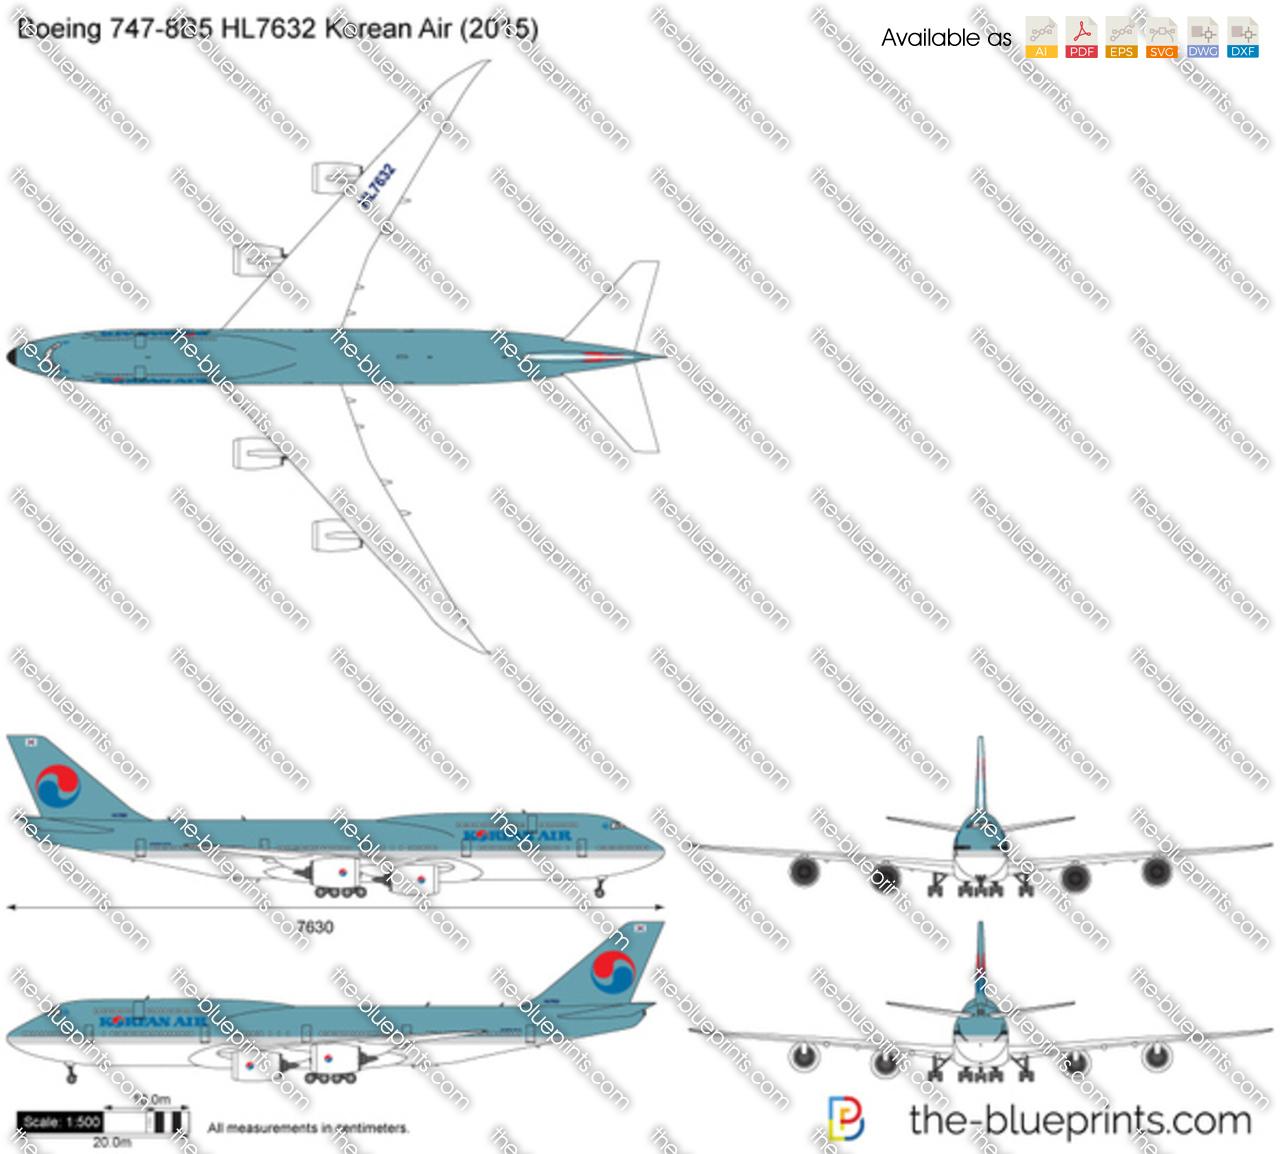 Boeing 747-8B5 HL7632 Korean Air 2017